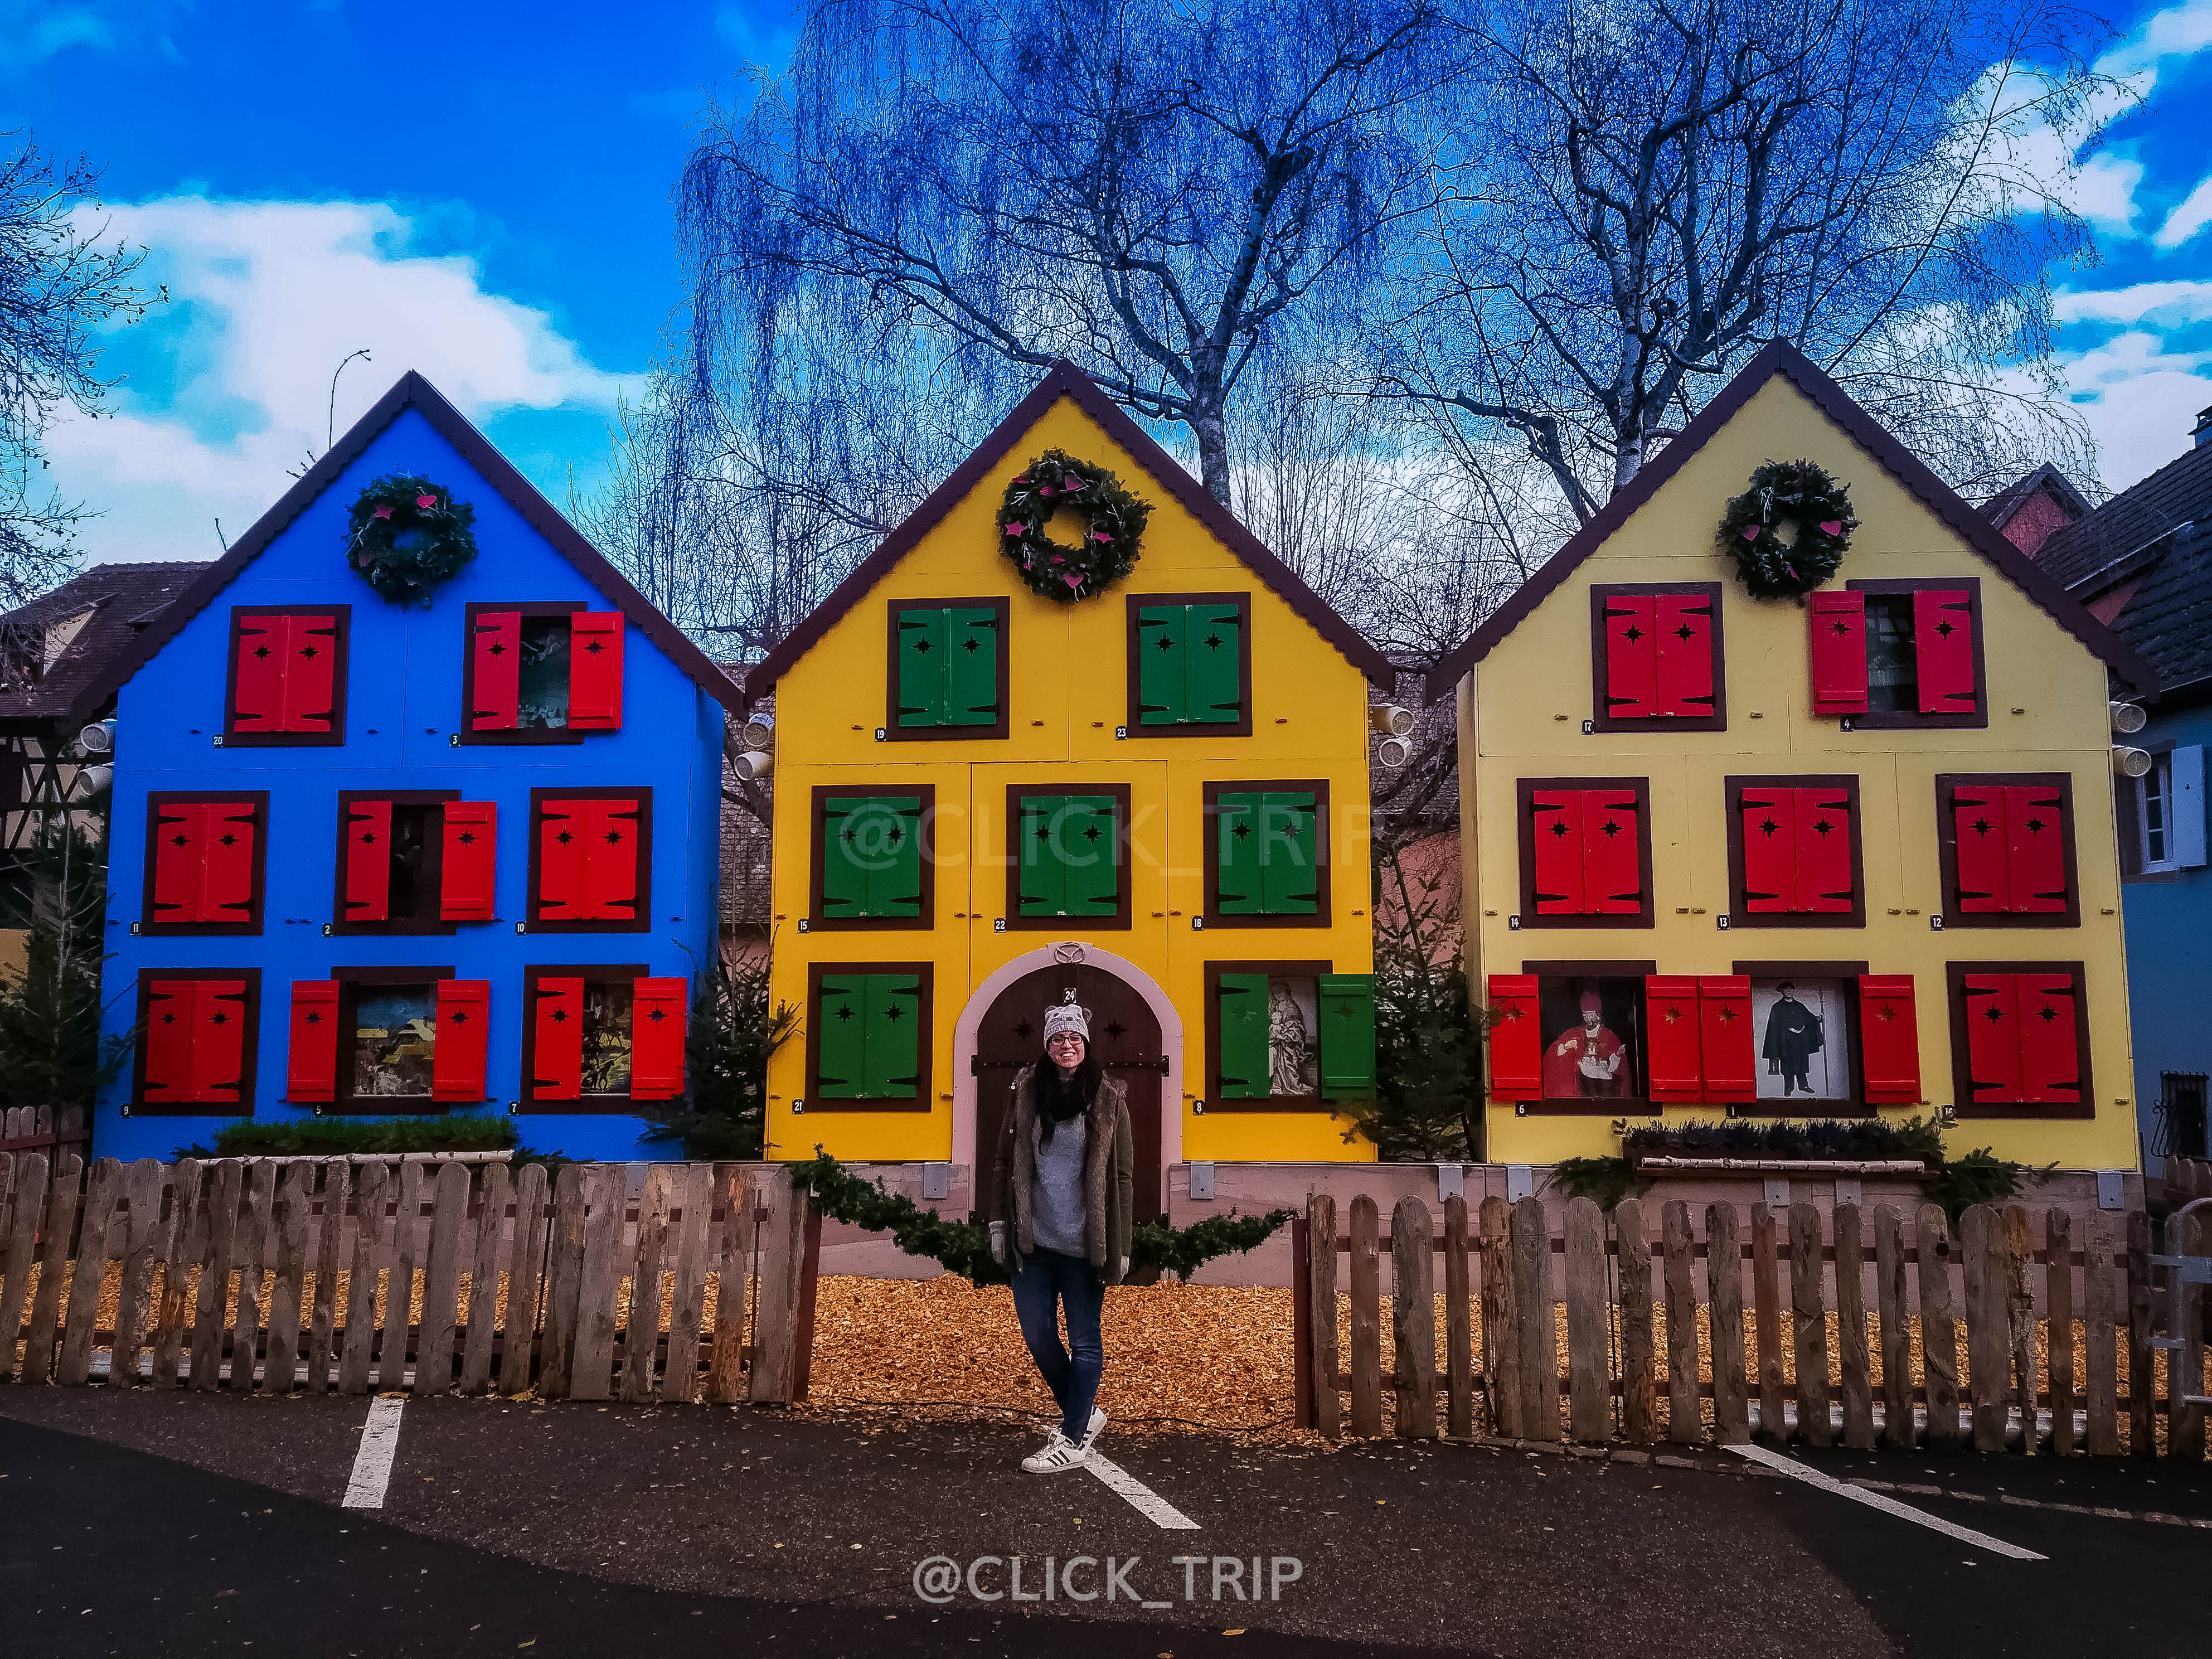 · Calendario de Adviento de Turckheim · Alsacia en Navidad ·